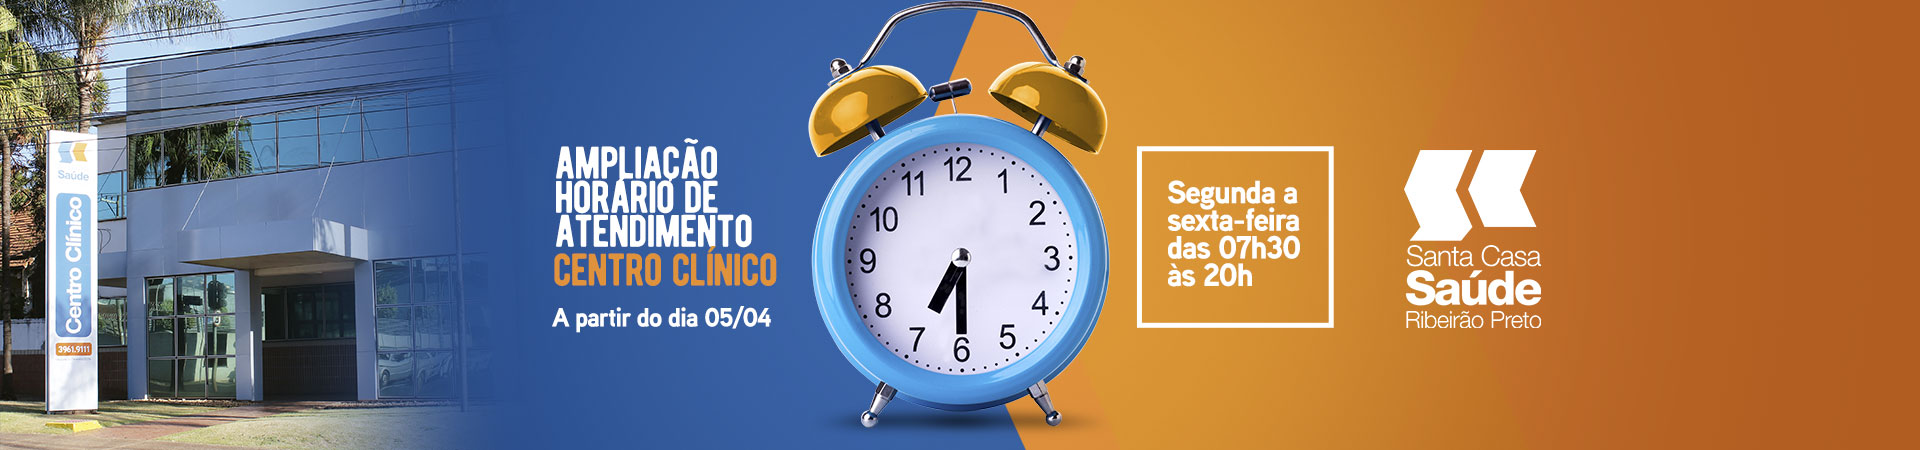 Telefone do centro clínico da Santa Casa Saúde Ribeirão